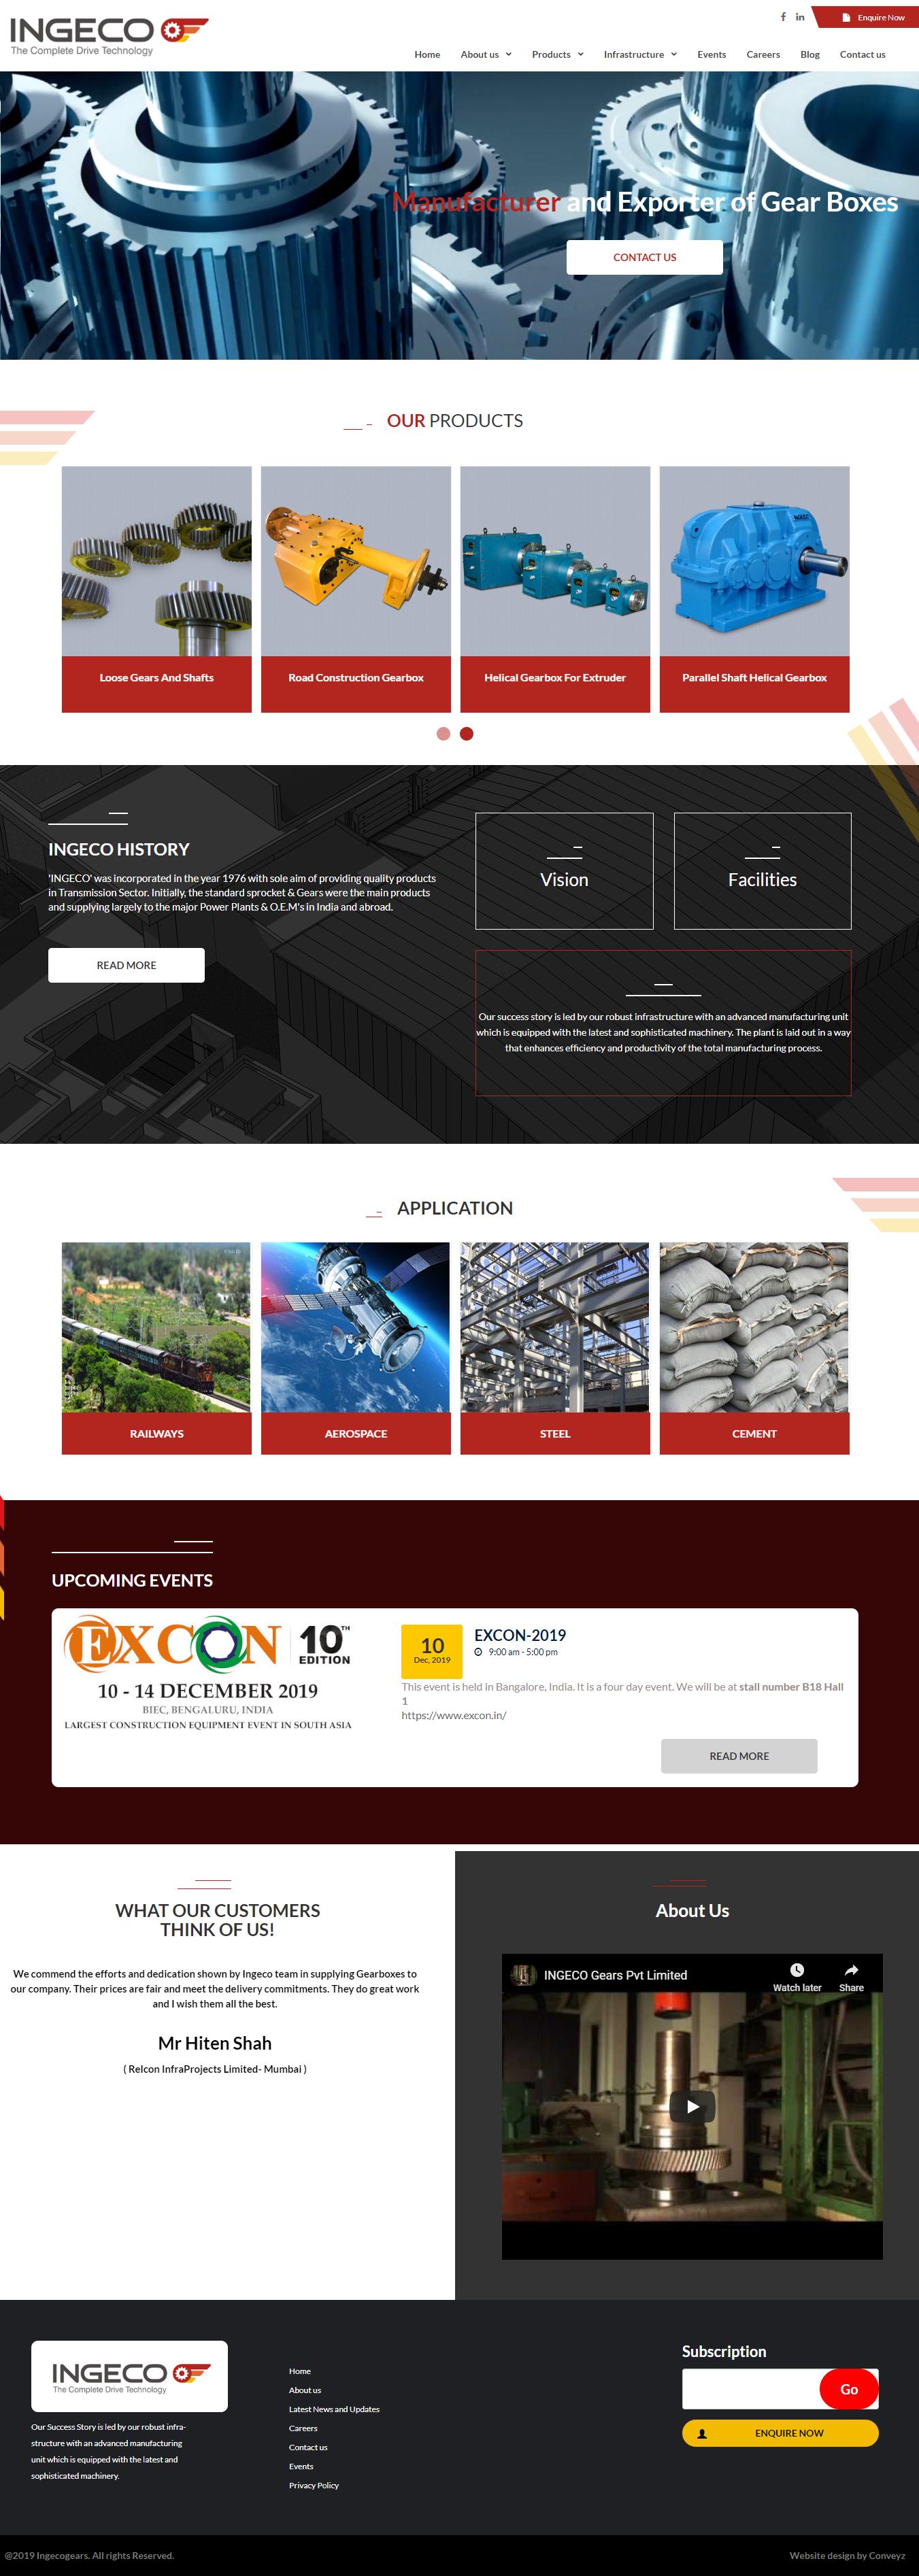 Websiet Design For Ingeco Gears India